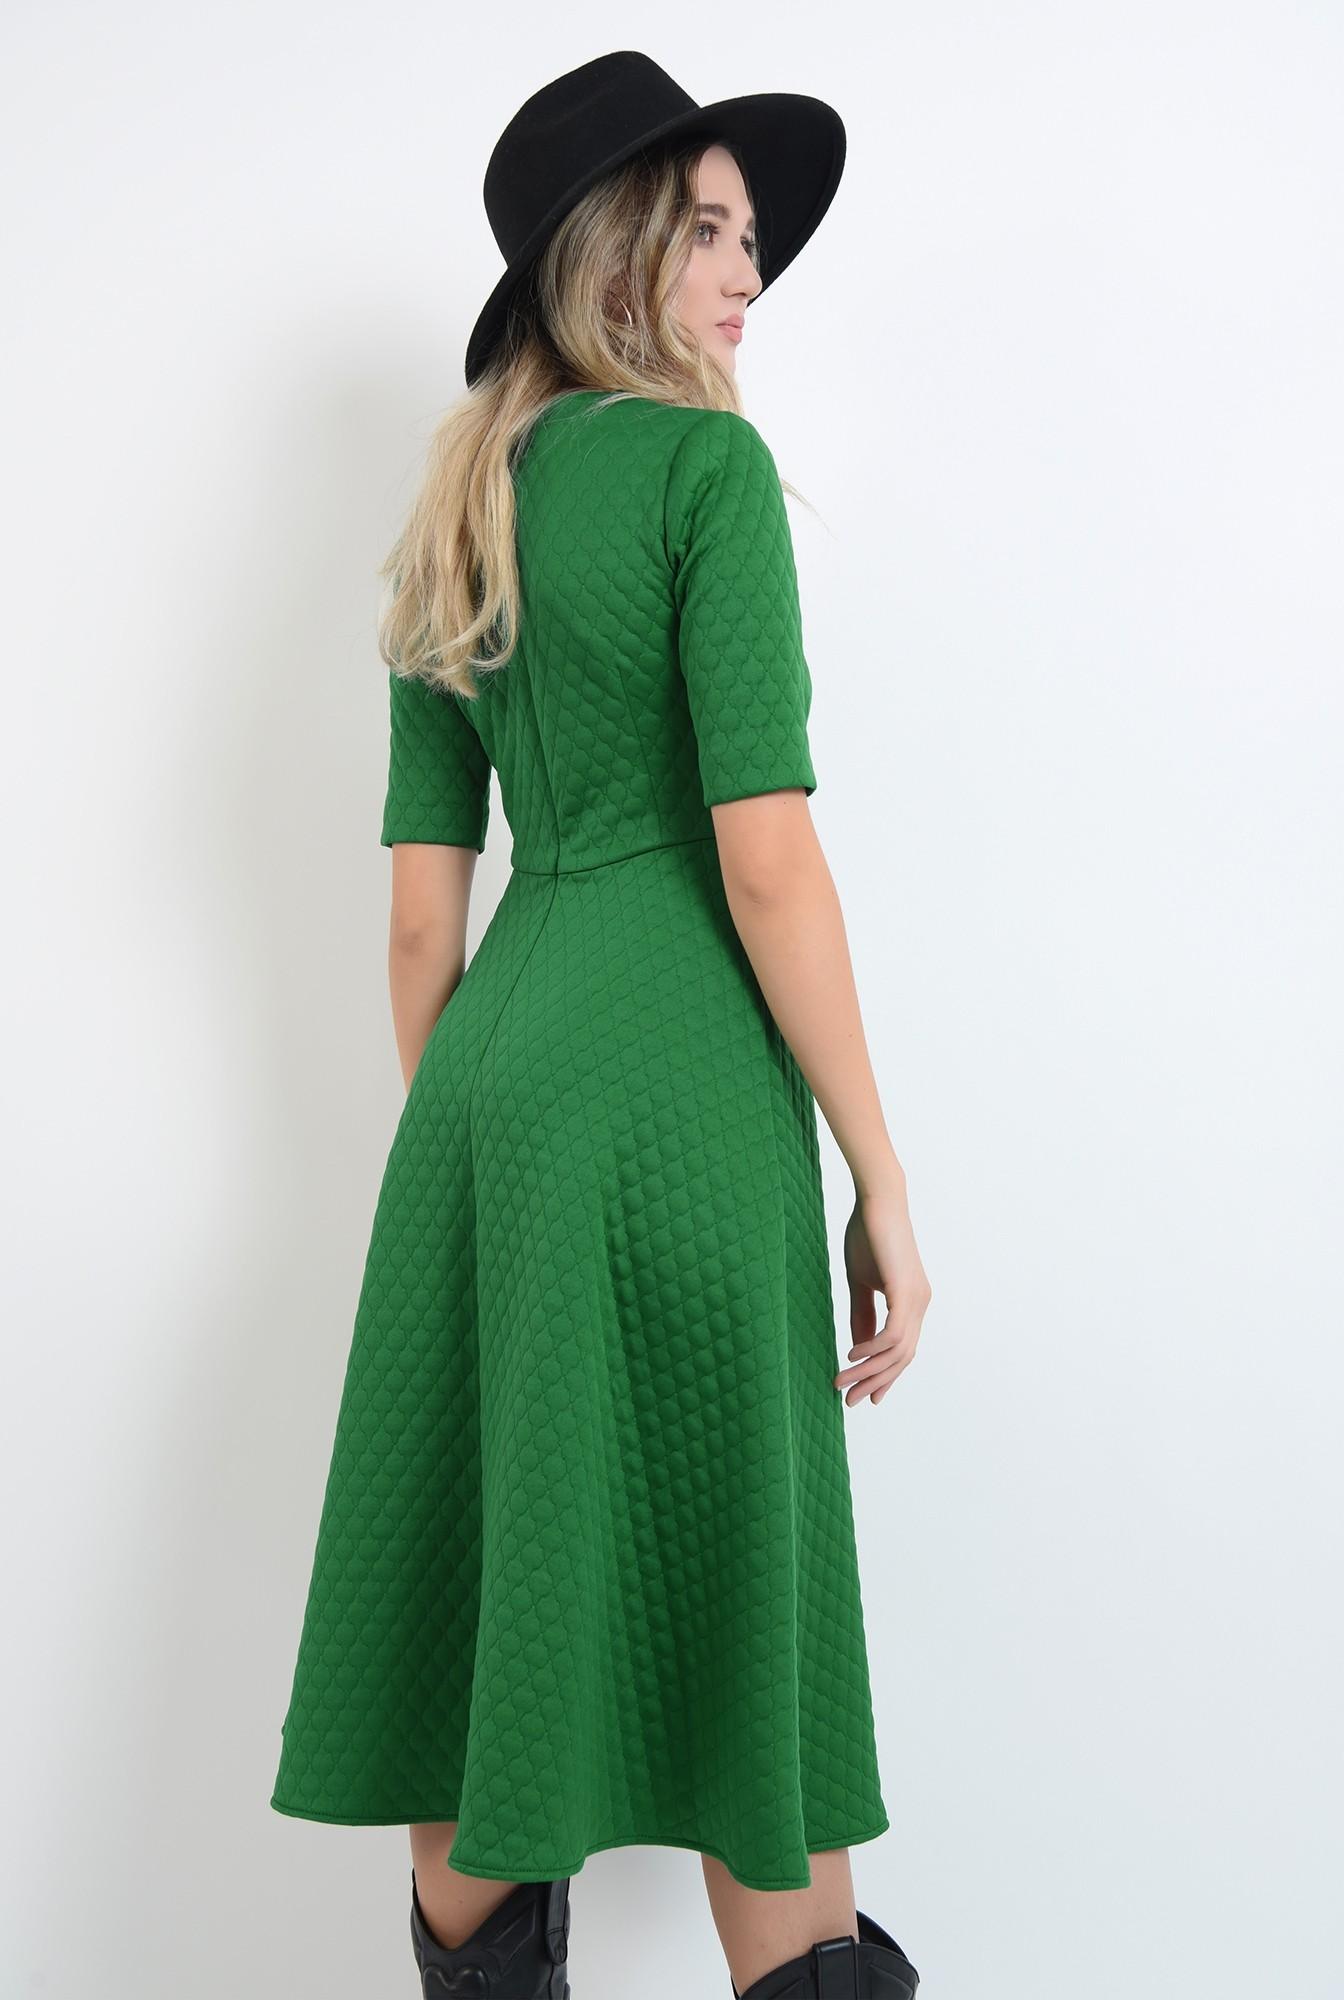 1 - rochie evazata, verde, midi, cu maneca scurta